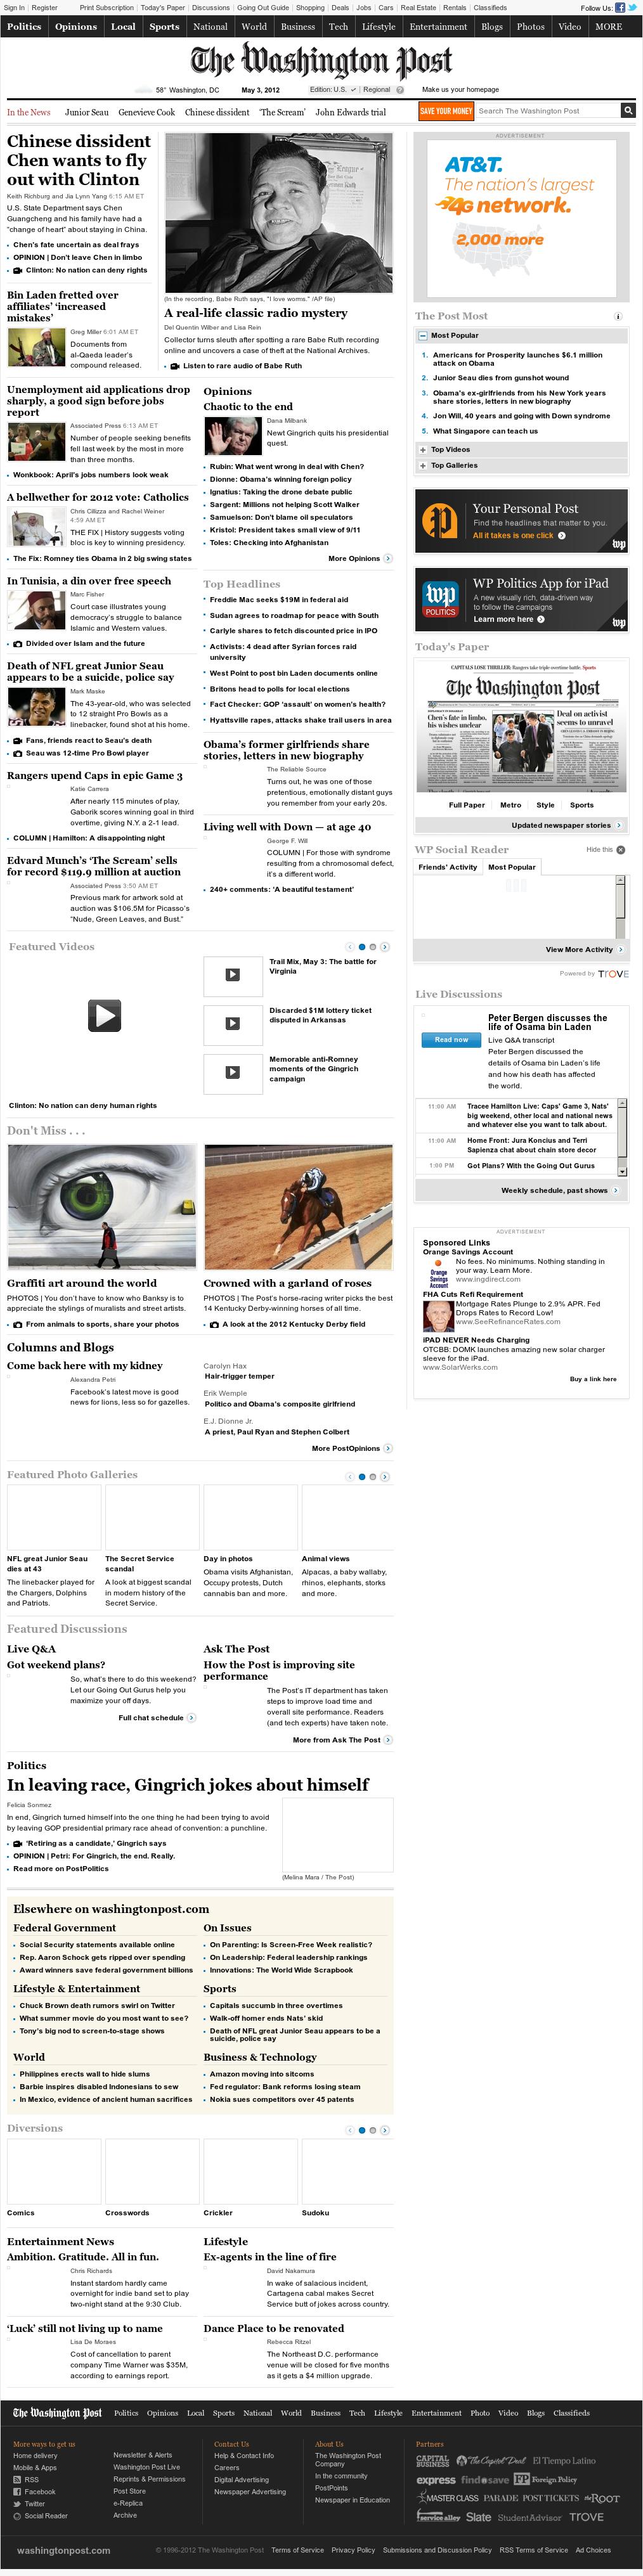 The Washington Post at Thursday May 3, 2012, 1:19 p.m. UTC